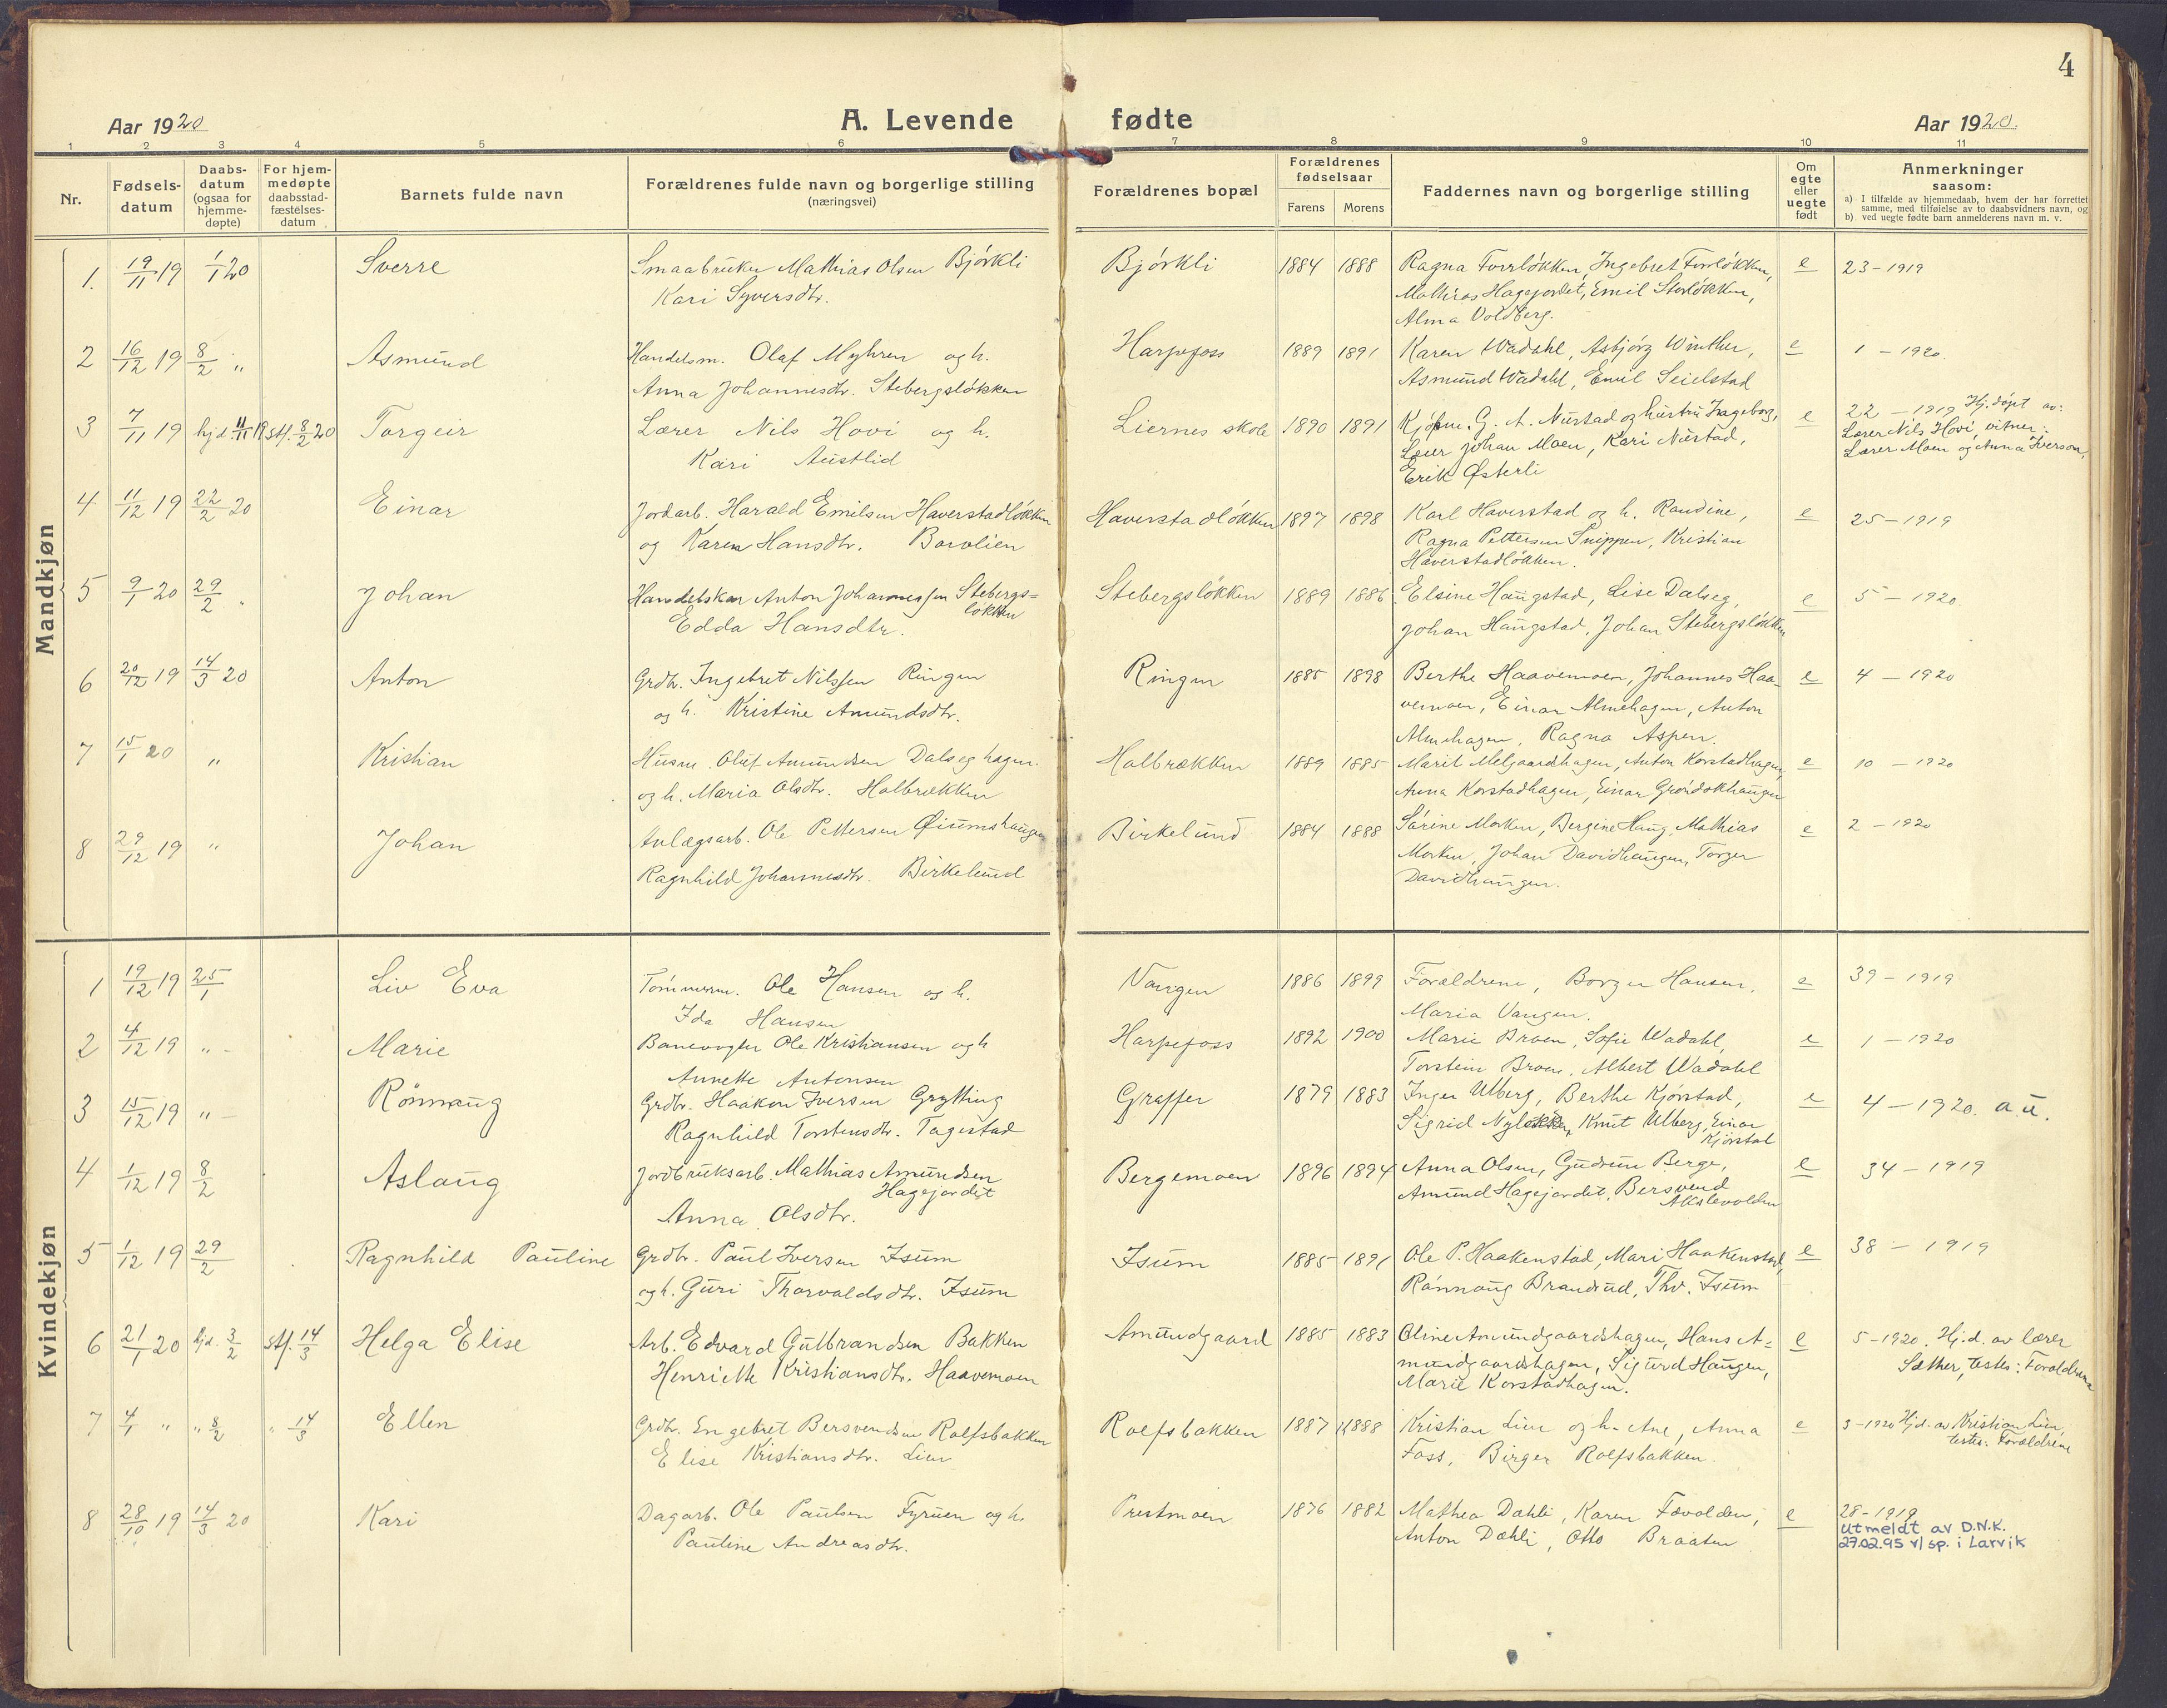 SAH, Sør-Fron prestekontor, H/Ha/Haa/L0005: Ministerialbok nr. 5, 1920-1933, s. 4